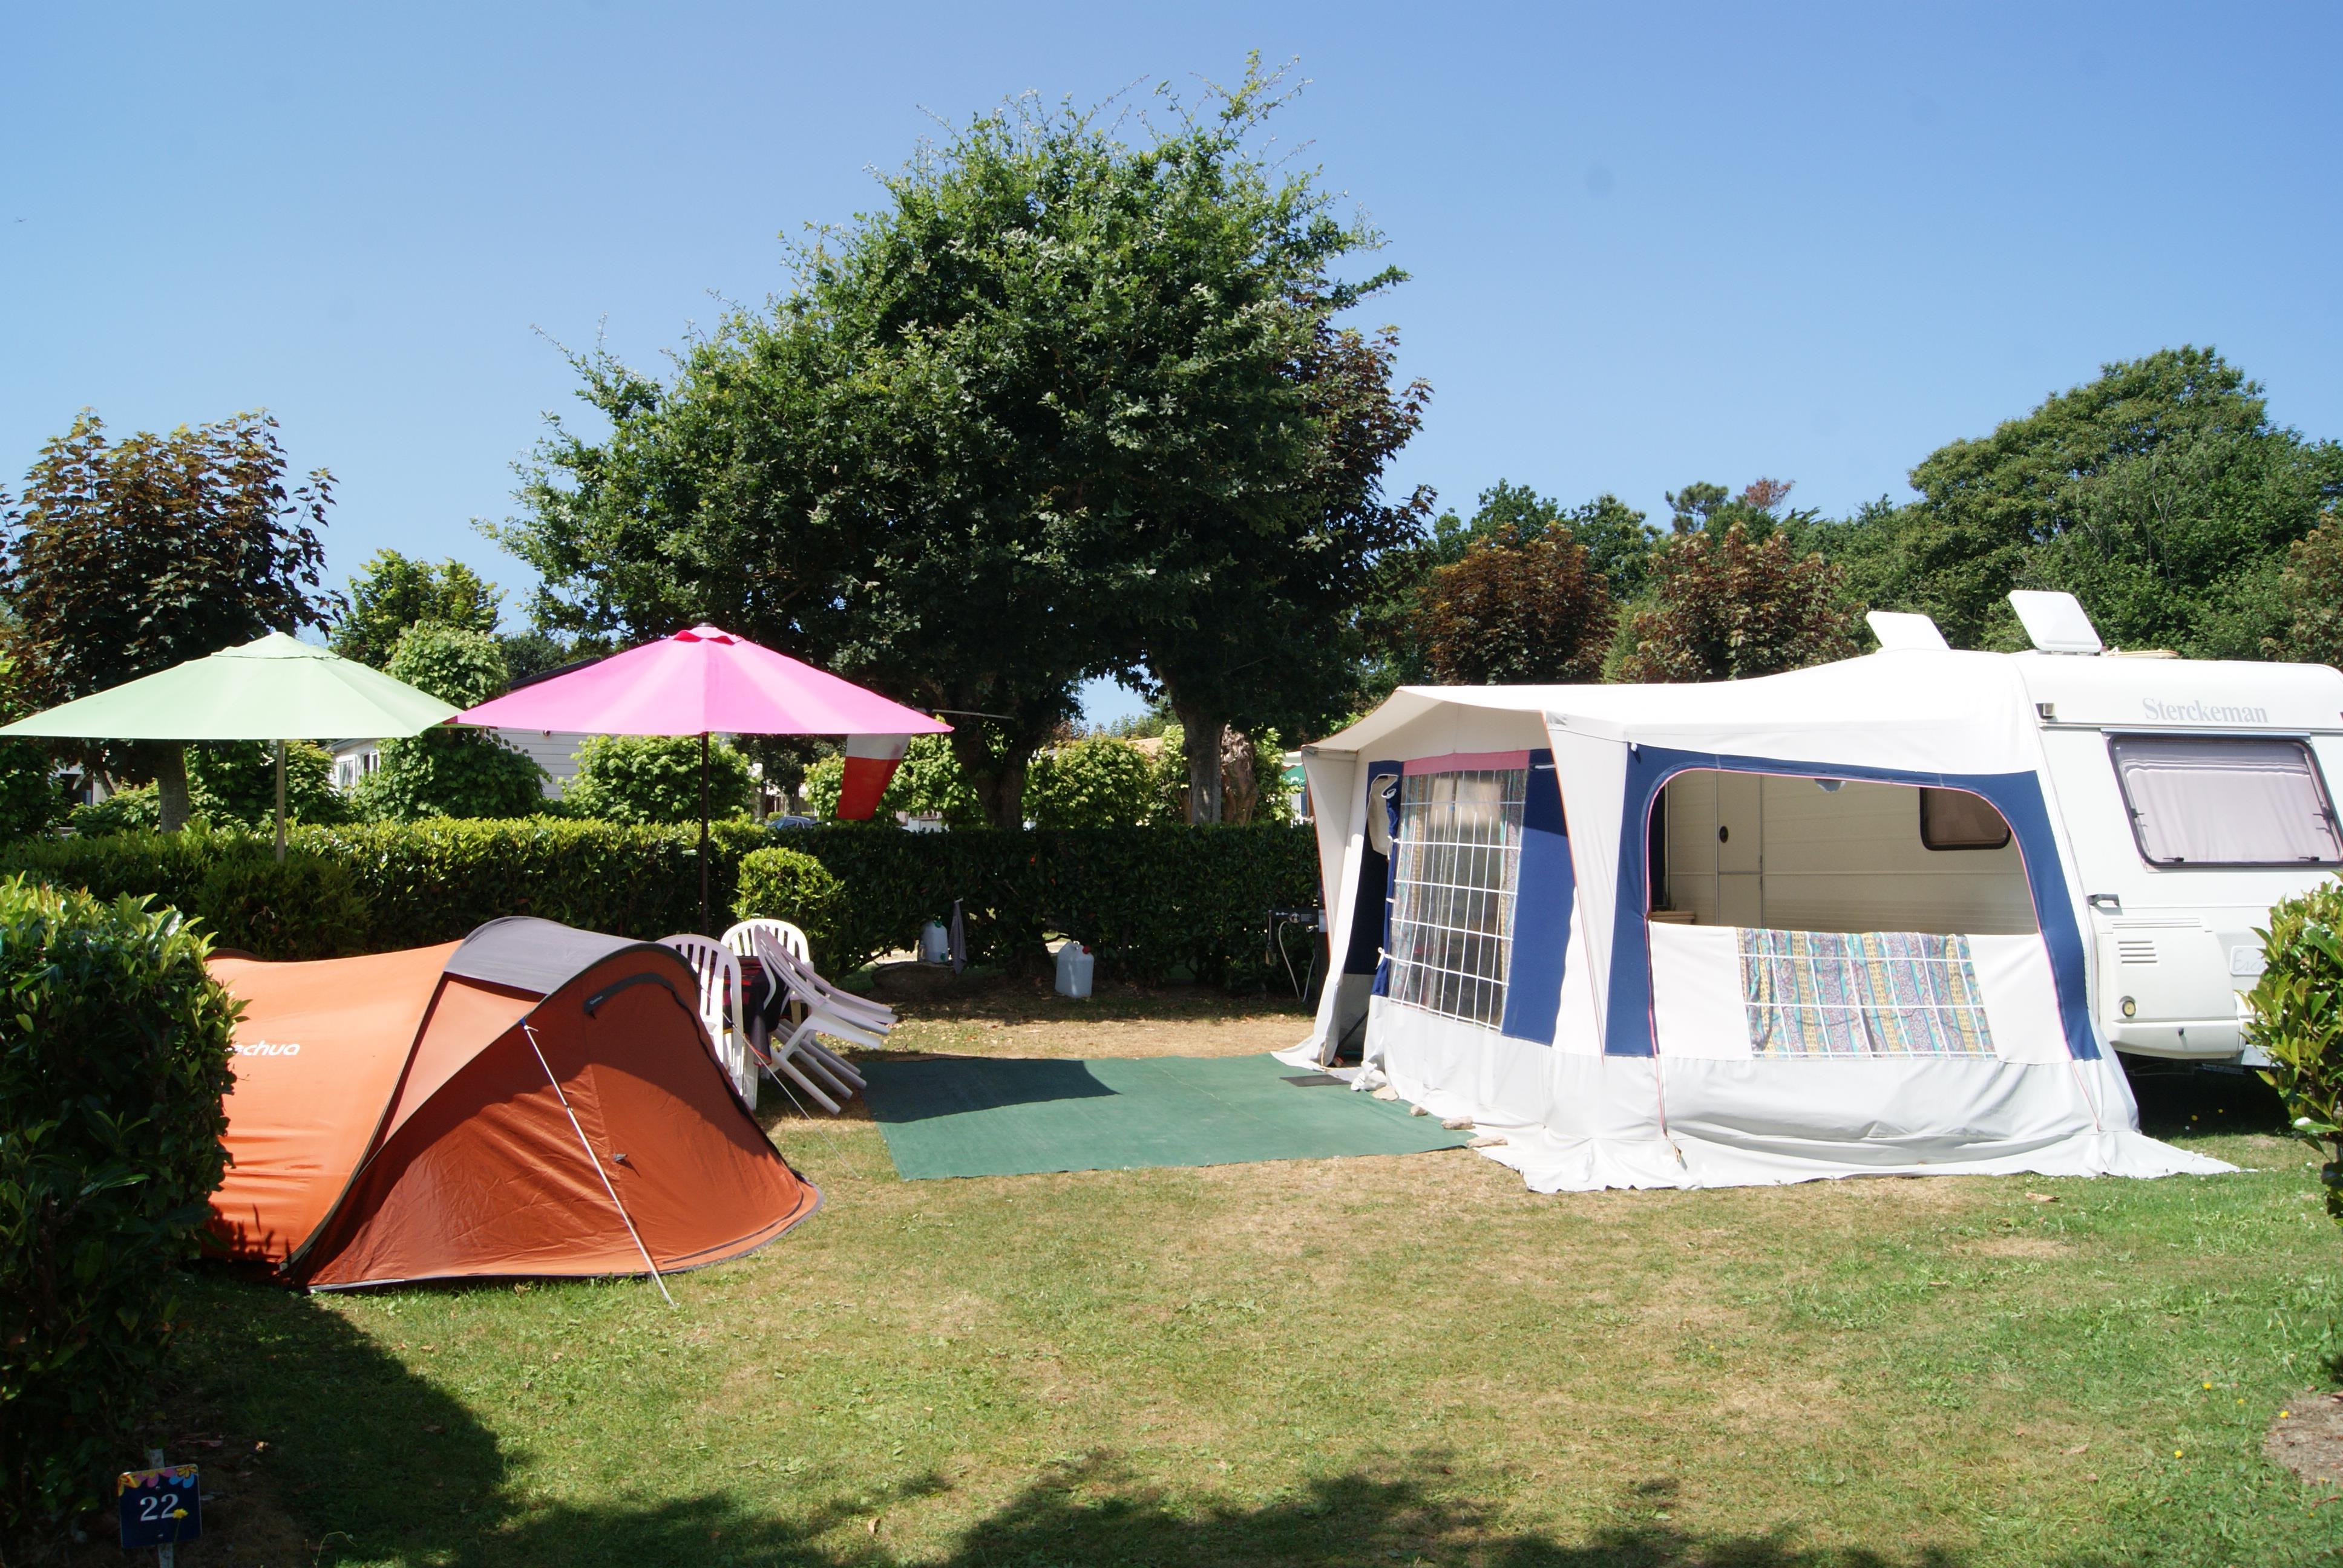 New Premium Package + de 140 m² (1 tent, caravan or motorhome / 1 car / electricity (16A)